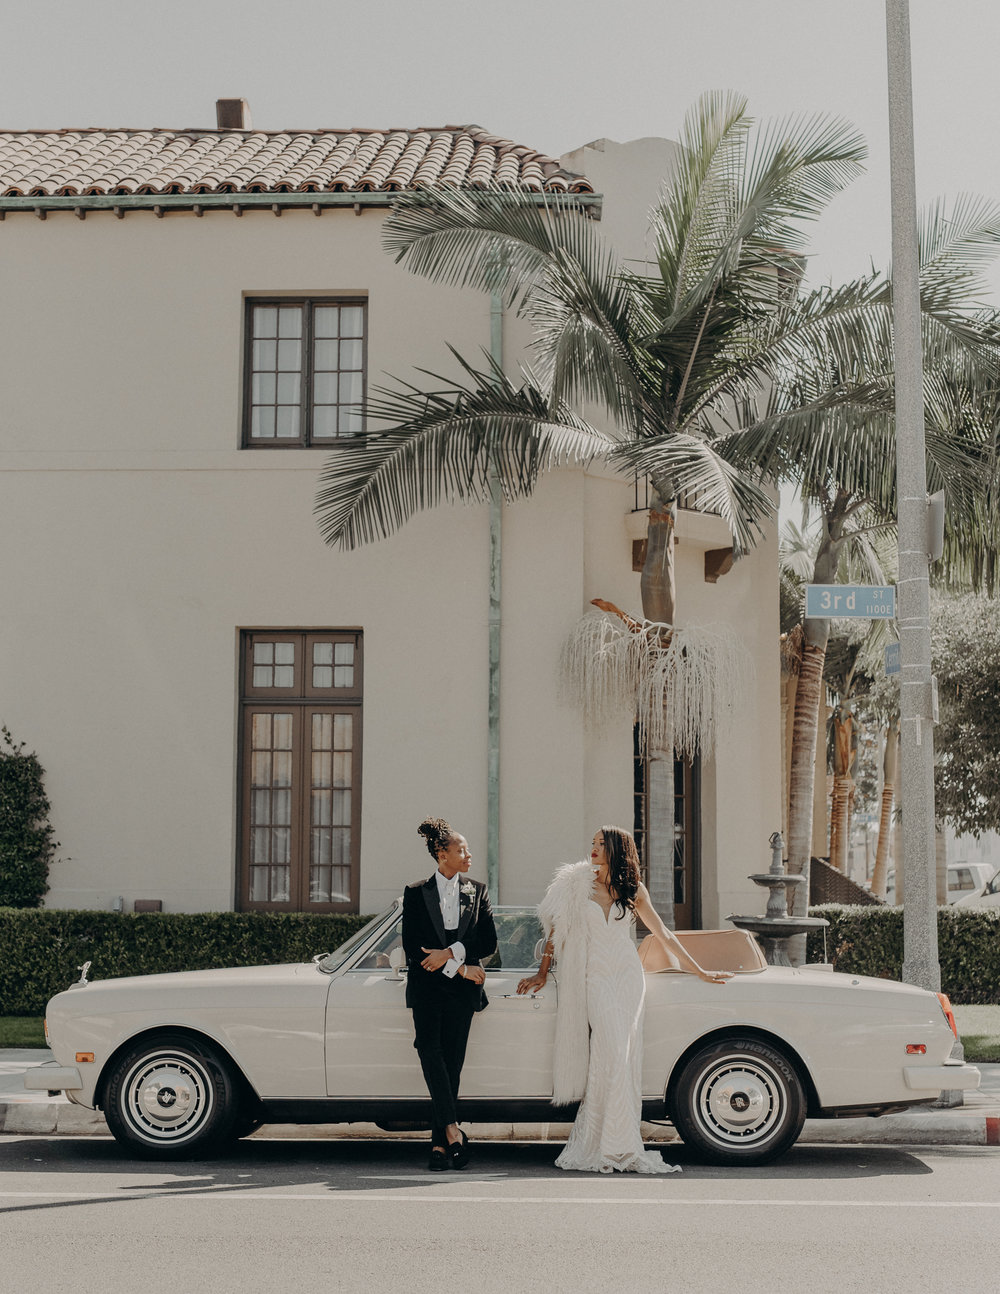 Ebell of LB wedding